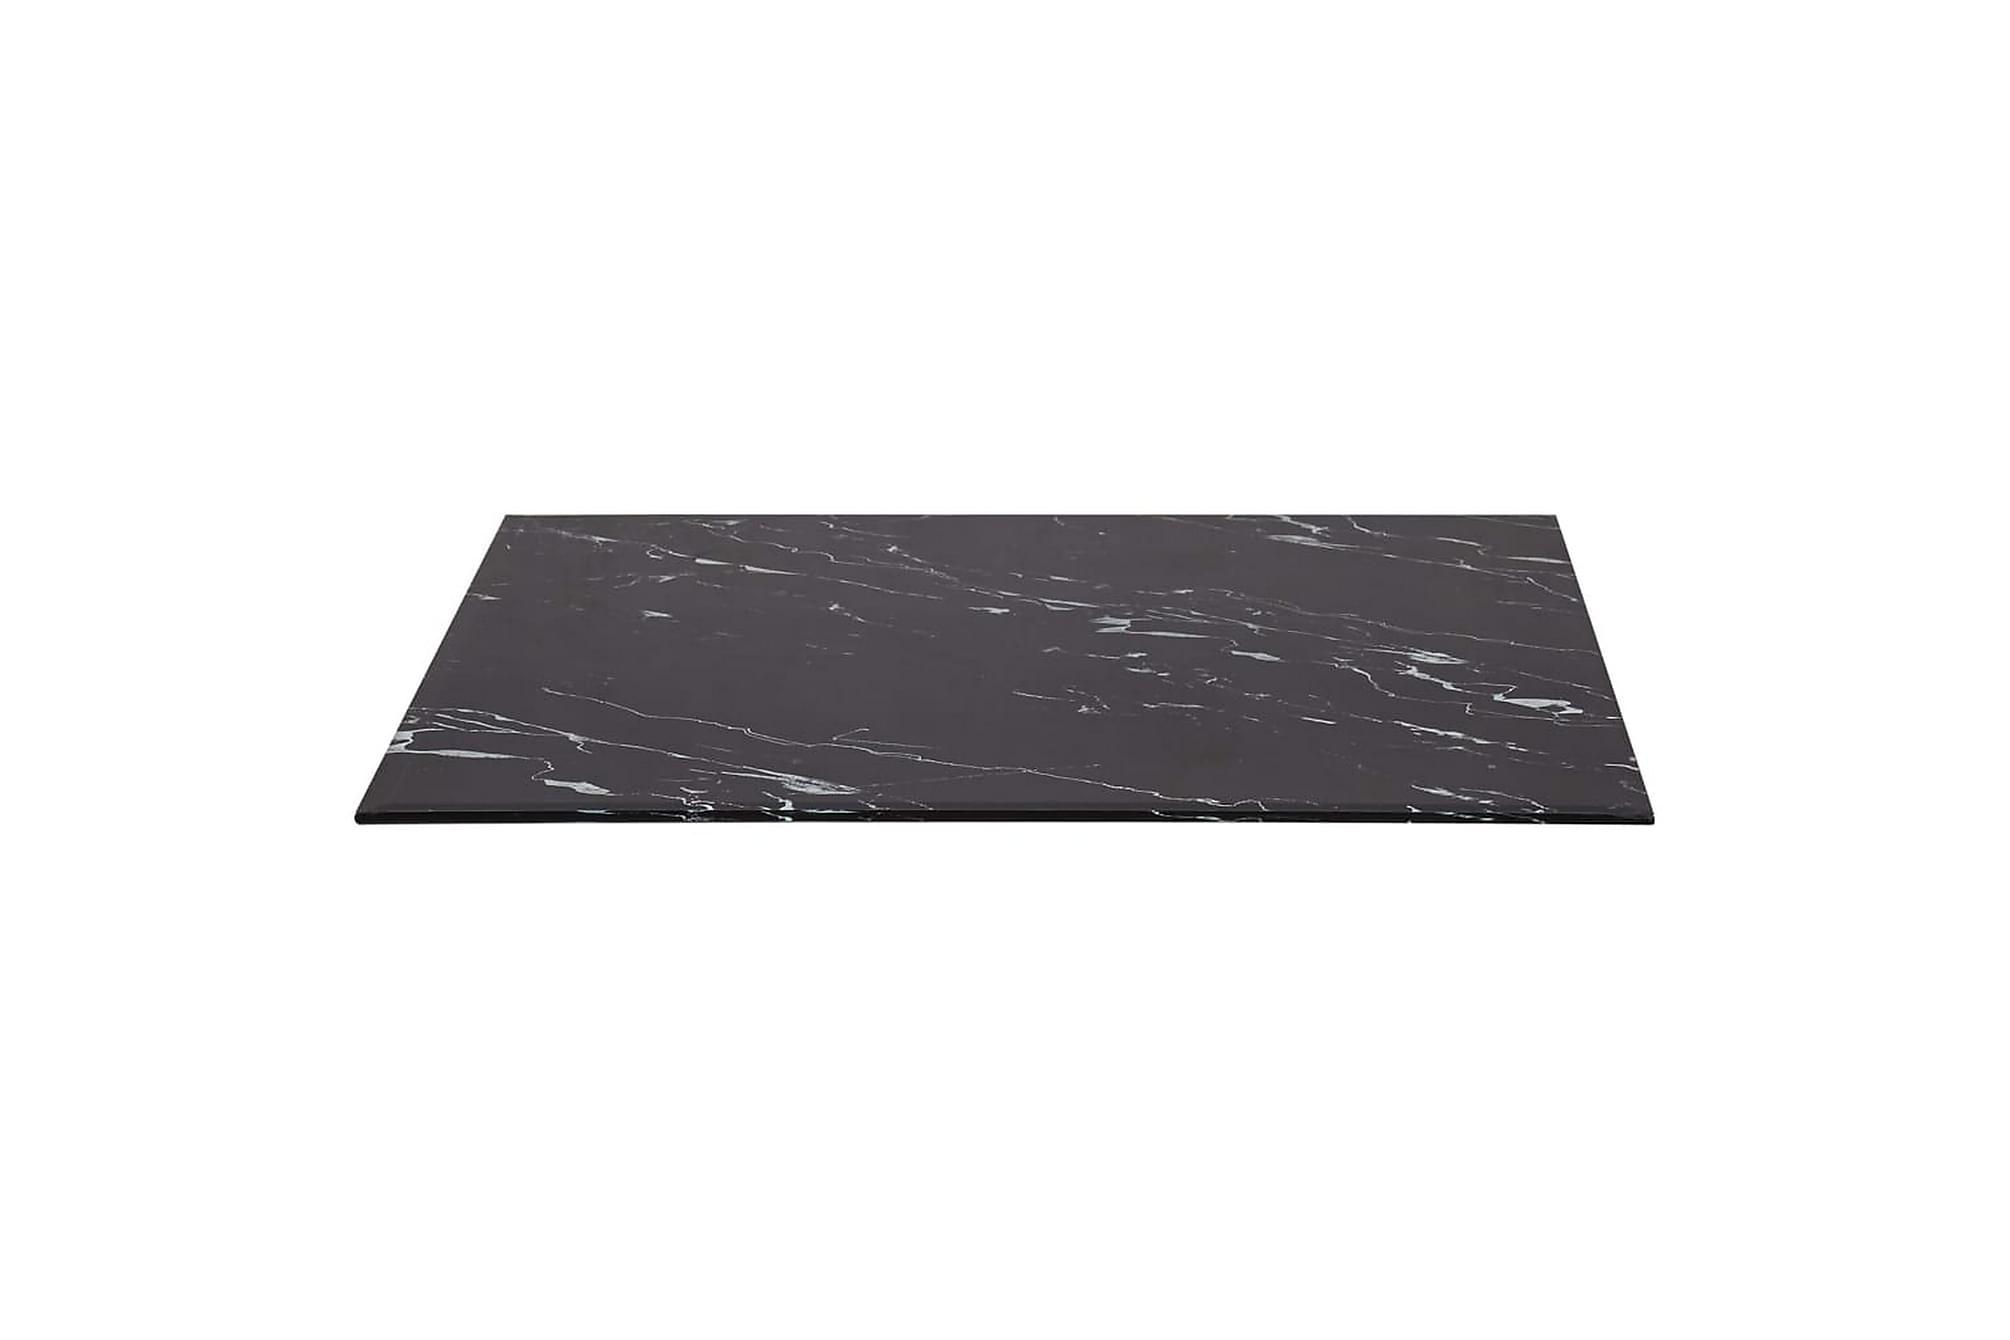 Bordsskiva svart rektangulär 100x62 cm glas med marmortextur, Bordsben & tillbehör